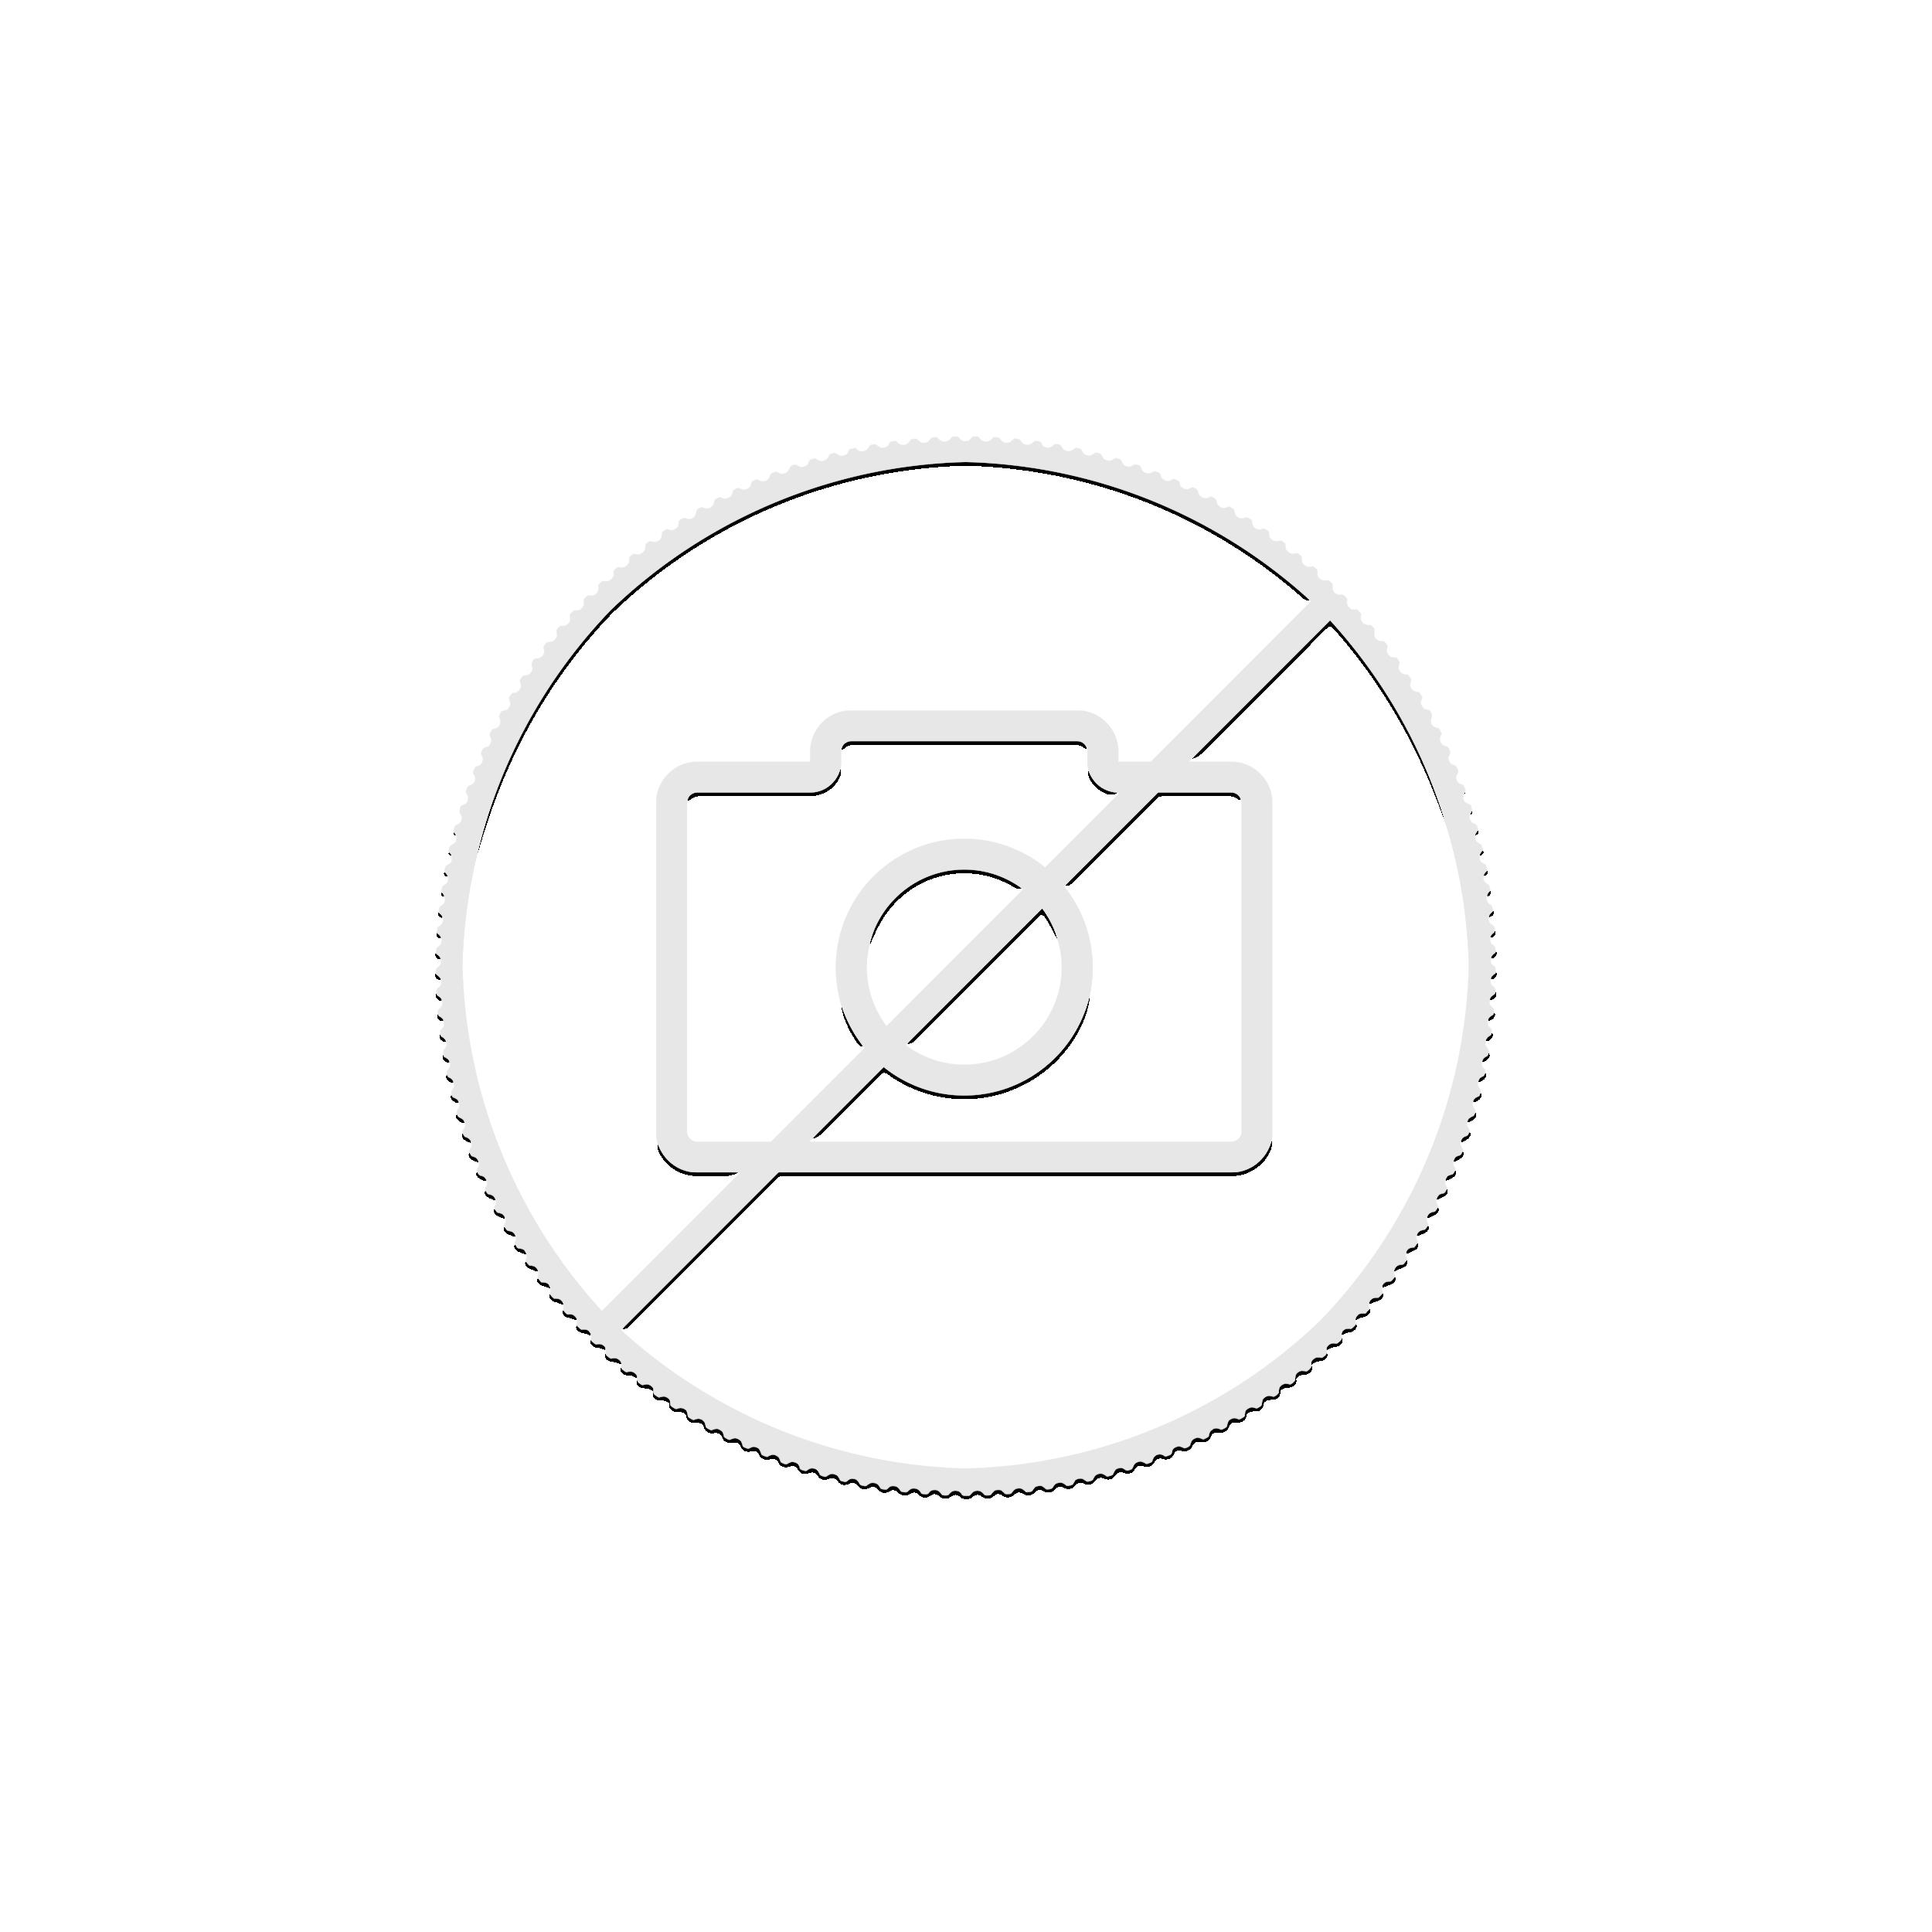 Goudbaar van Credit Suisse - 1 troy ounce goud